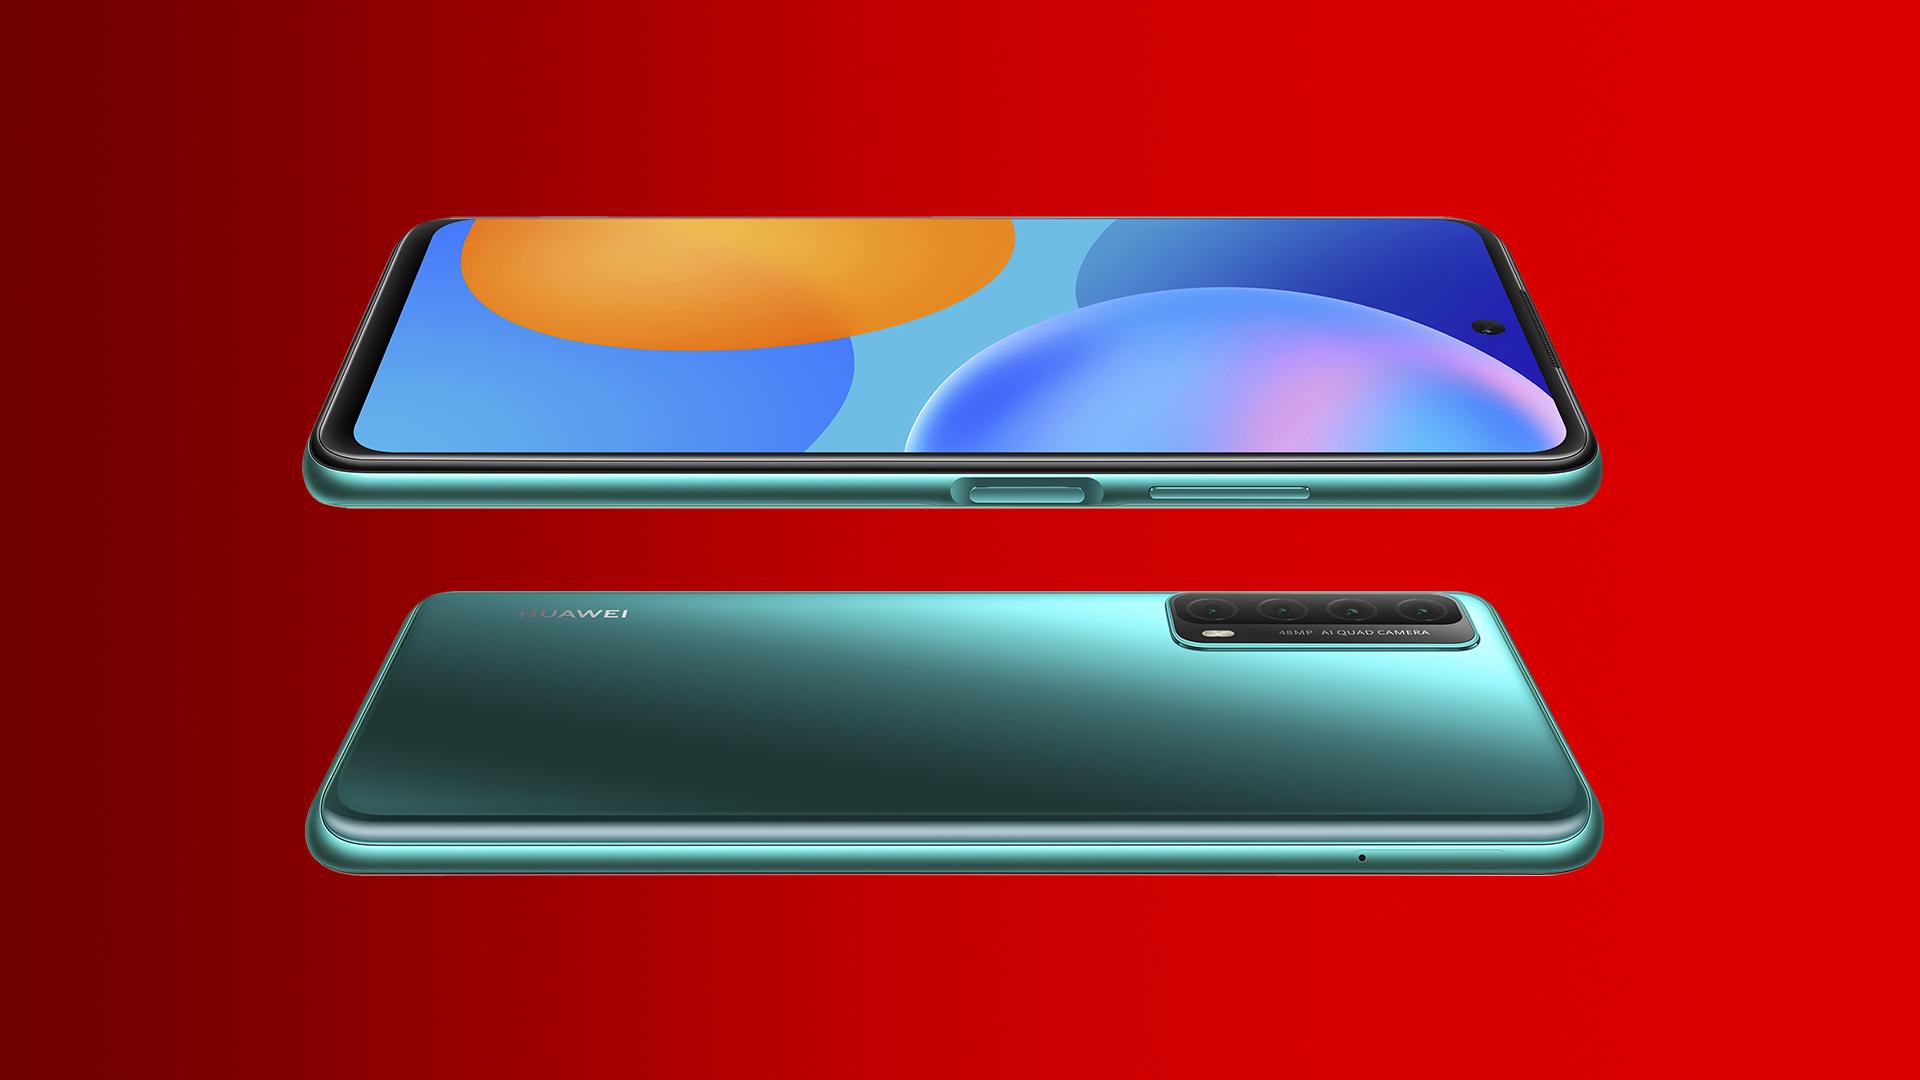 Das neue Huawei P smart 2021 in Grün seitlich.